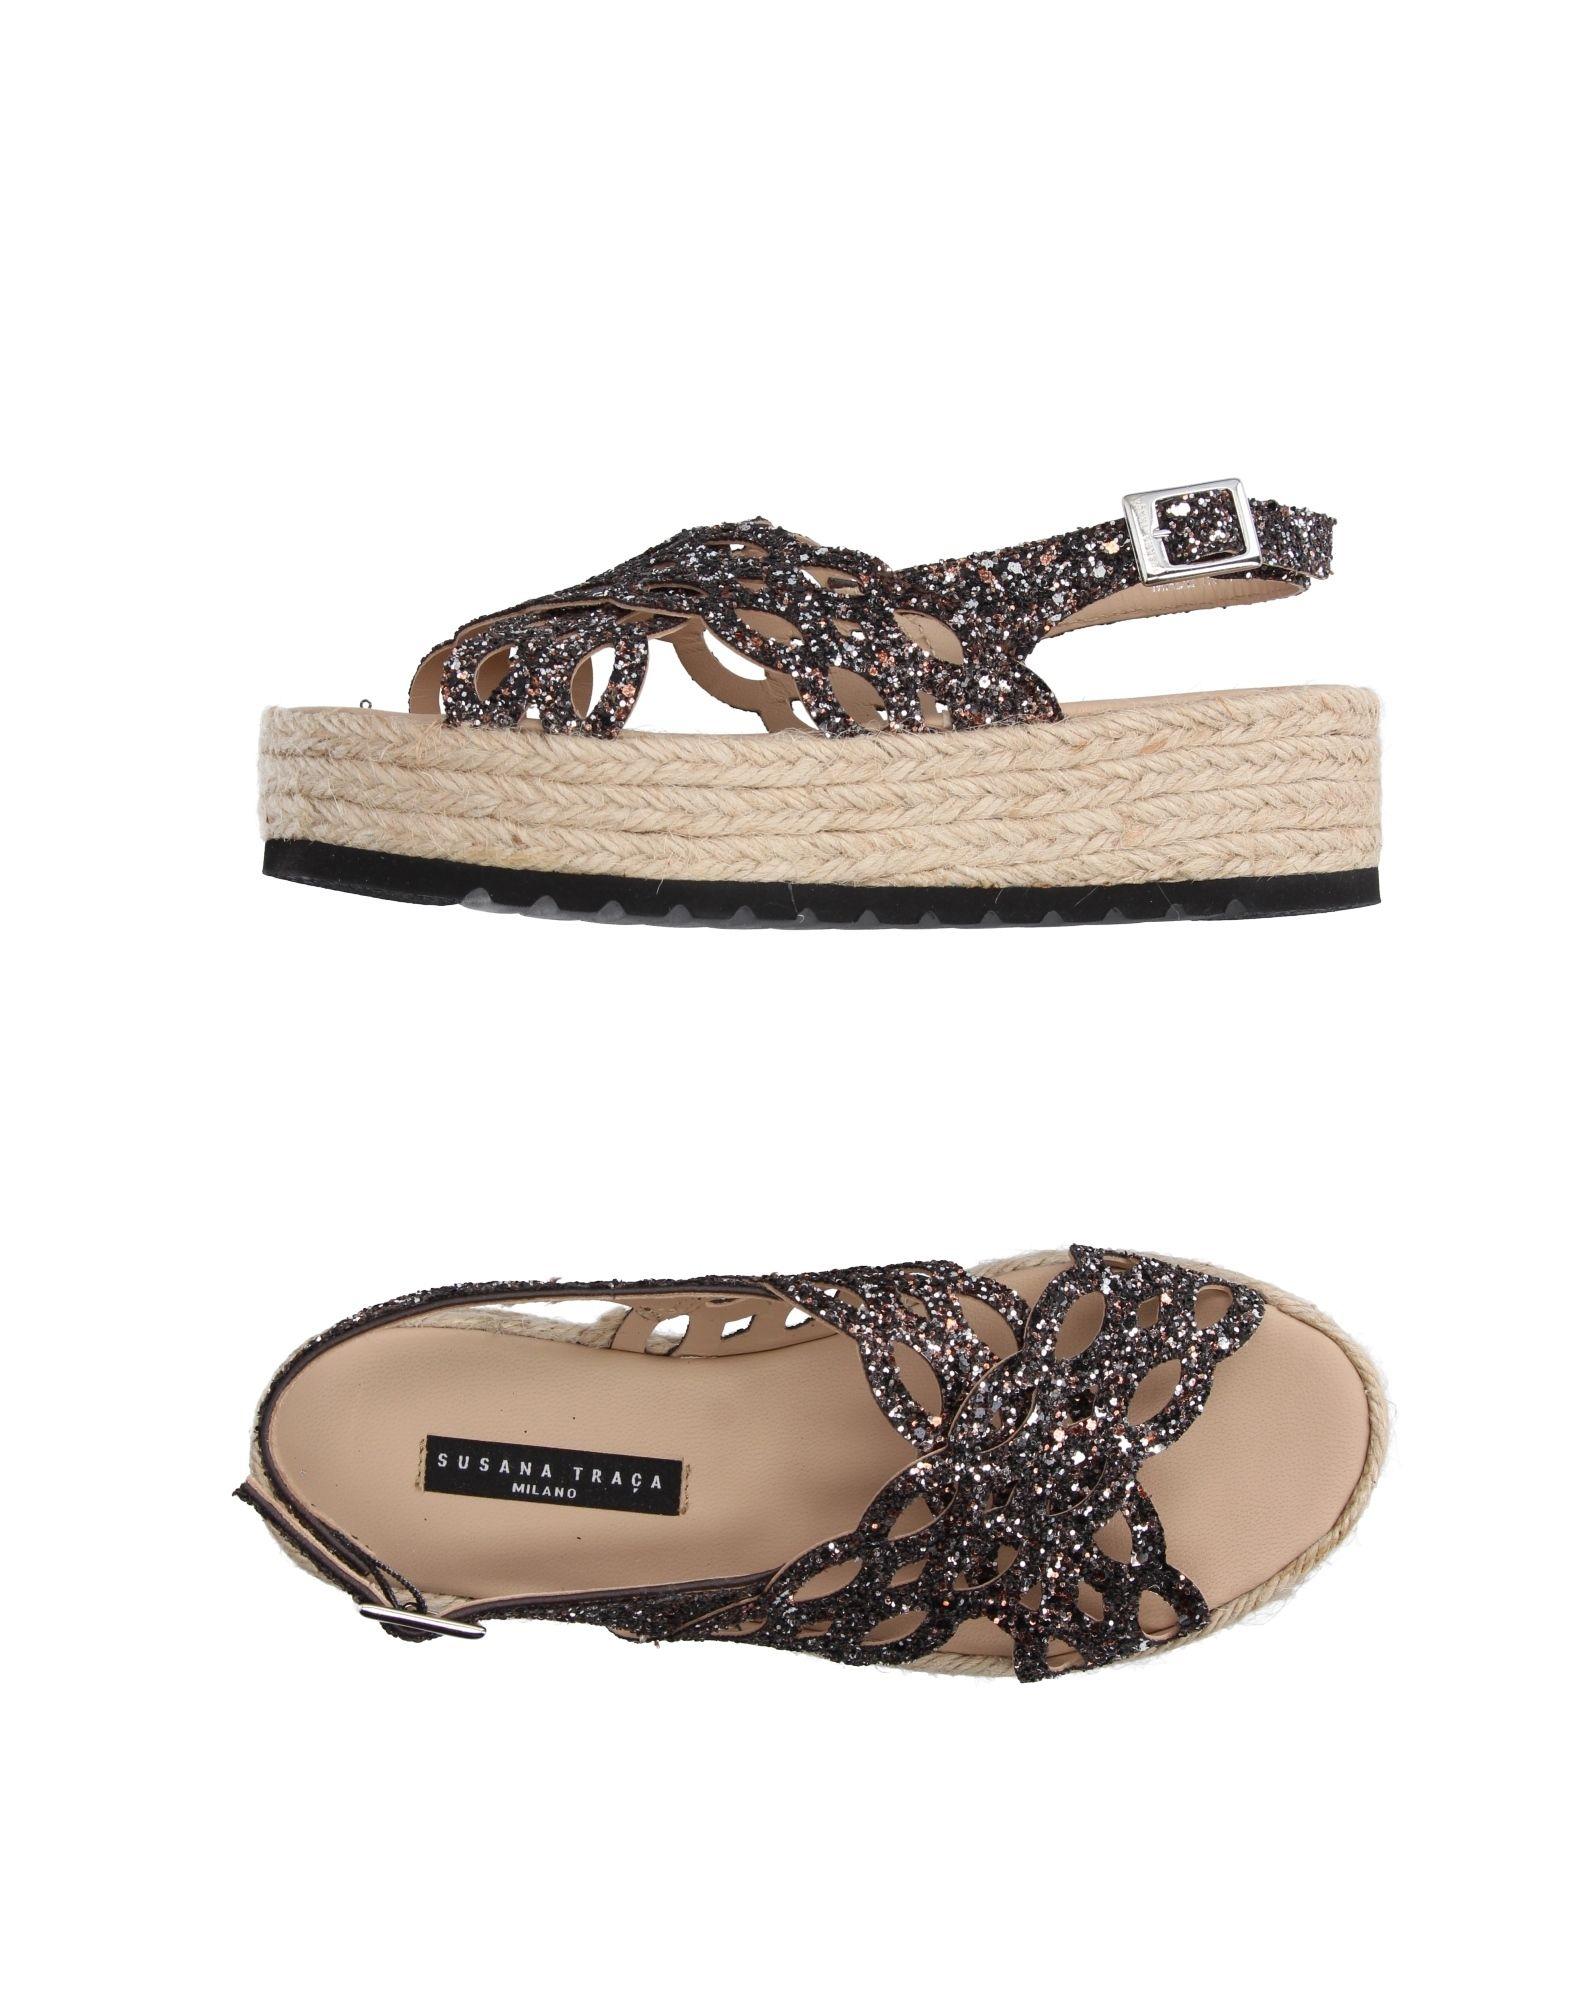 Chaussures - Espadrilles À Tra? Susana LkGiKc